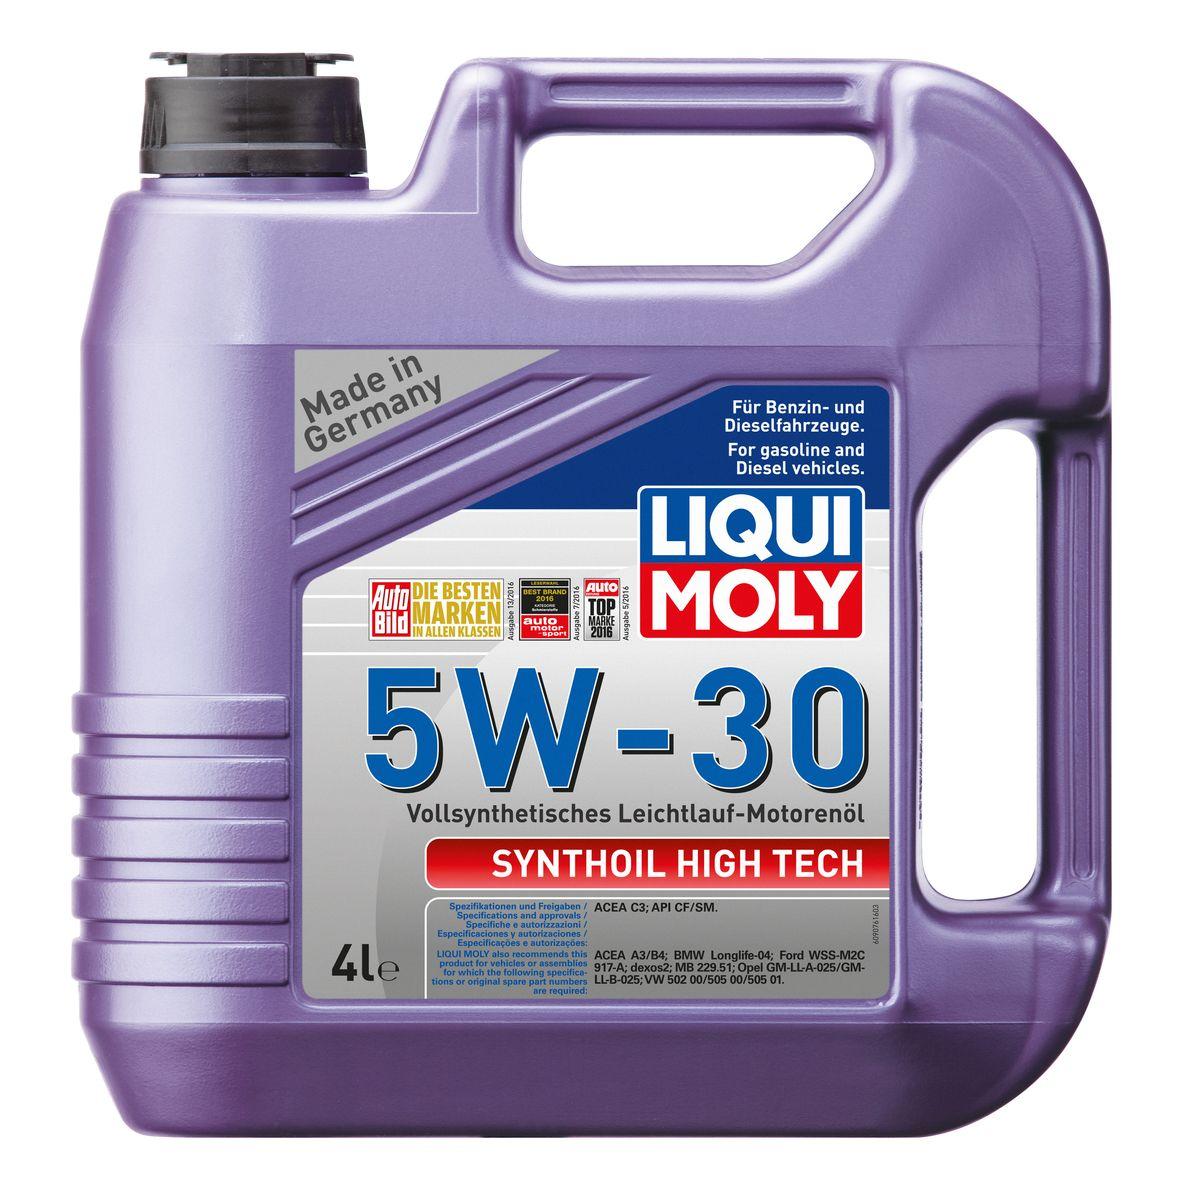 Масло моторное Liqui Moly Synthoil High Tech, синтетическое, 5W-30, 4 л2706 (ПО)Масло моторное Liqui Moly Synthoil High Tech - 100% синтетическое универсальное моторное масло на базе полиальфаолефинов (ПАО) для большинства автомобилей, для которых требования к маслам опираются на международные классификации API и ACEA. Популярнейший класс вязкости для всех современных автомобилях. Благодаря новейшему классу ACEA C3 моторное масло отлично подходит для автомобилей с сажевыми фильтрами. Использование современных, полностью синтетических базовых масел (ПАО) и передовых технологий в области разработок присадок гарантирует низкую вязкость масла при низких температурах, высокую надежность масляной пленки. Моторные масла линейки Synthoil предотвращают образование отложений в двигателе, снижают трение и надежно защищают от износа. Особенности: - Быстрое поступление масла к трущимся деталям при низких температурах- Высокая защита двигателя от износа- Замечательная термоокислительная стабильность и устойчивость к старению- Обеспечивает чистоту двигателя- Очень низкий расход масла- Совместимо с новейшими системами нейтрализации выхлопных газов- Сокращает вредные выбросыДопуск: -API: CF/SM-ACEA: C3